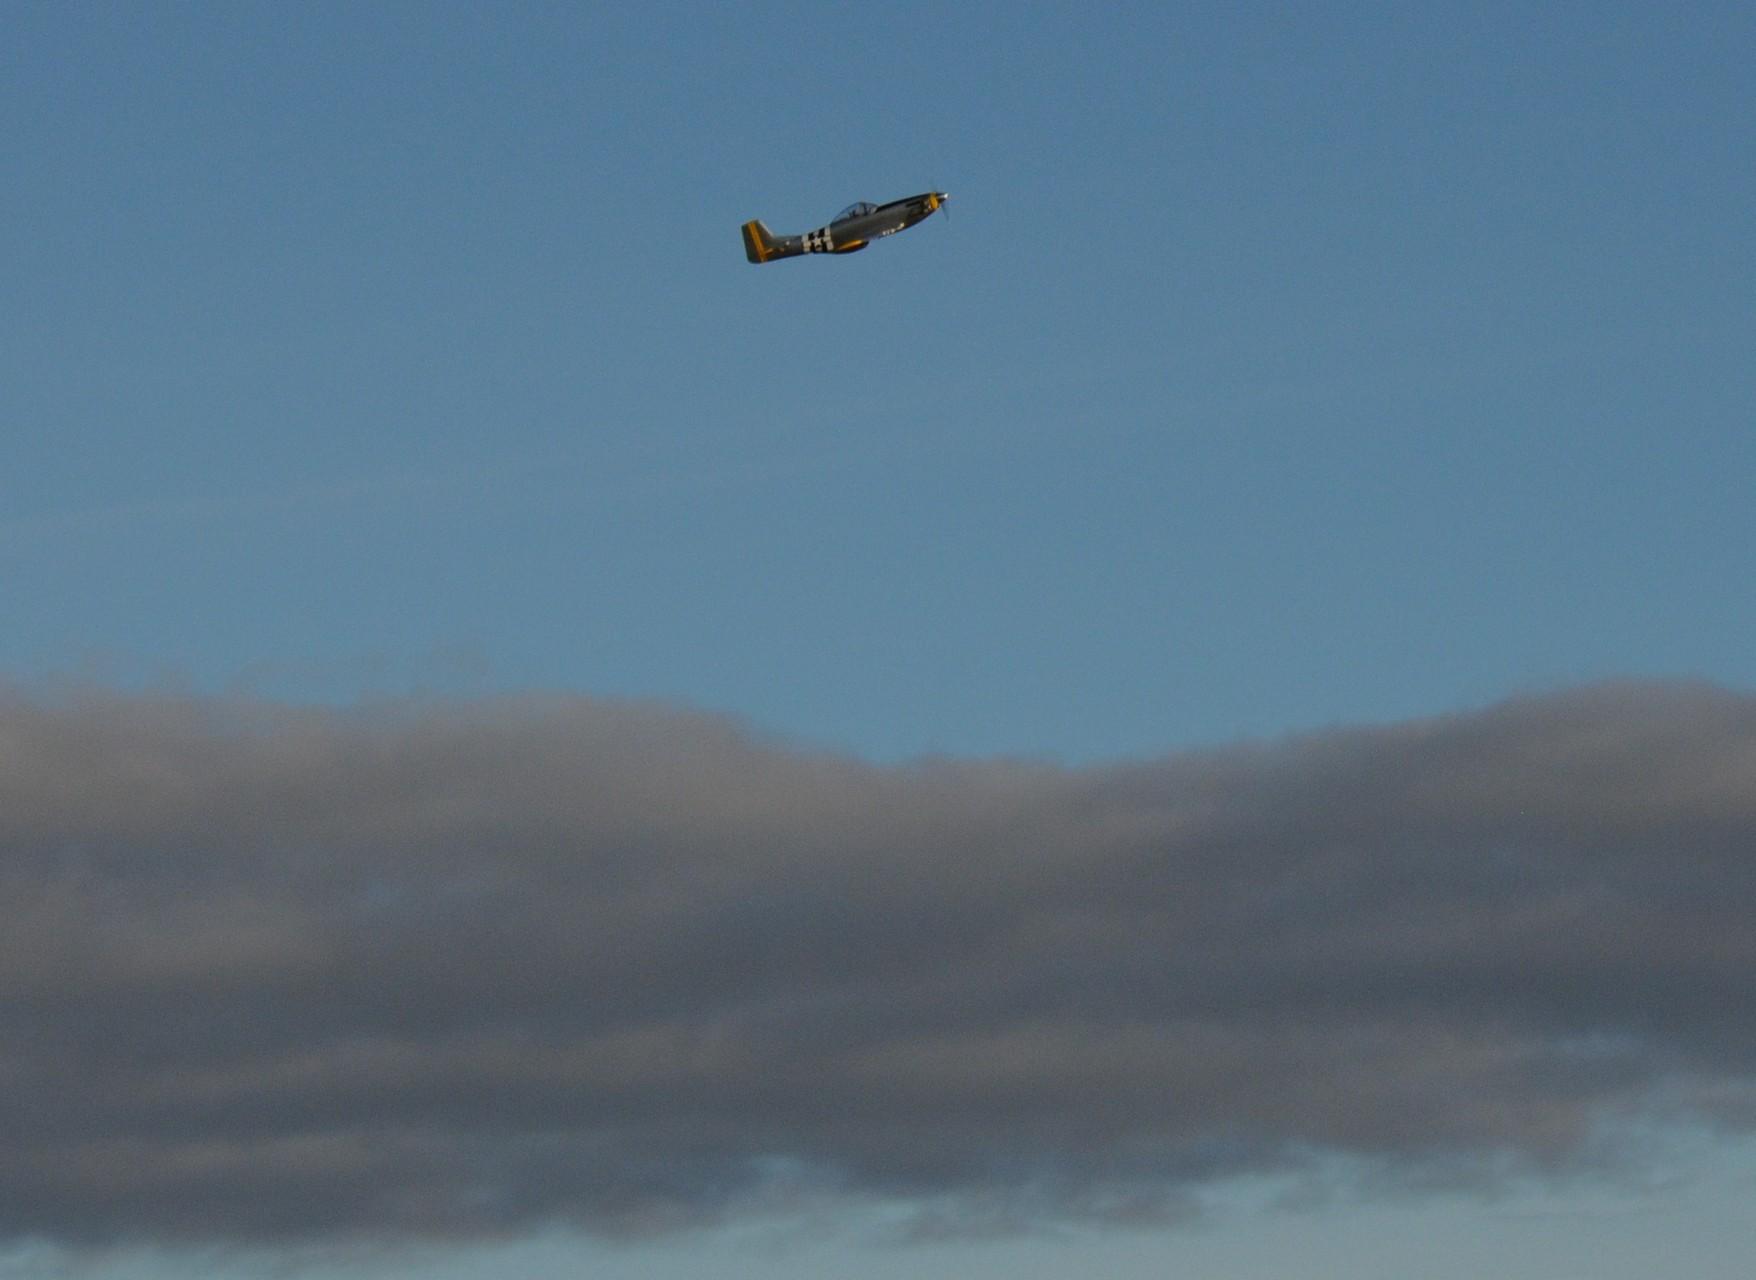 Un P51 en mission au dessus de la couche nuageuse